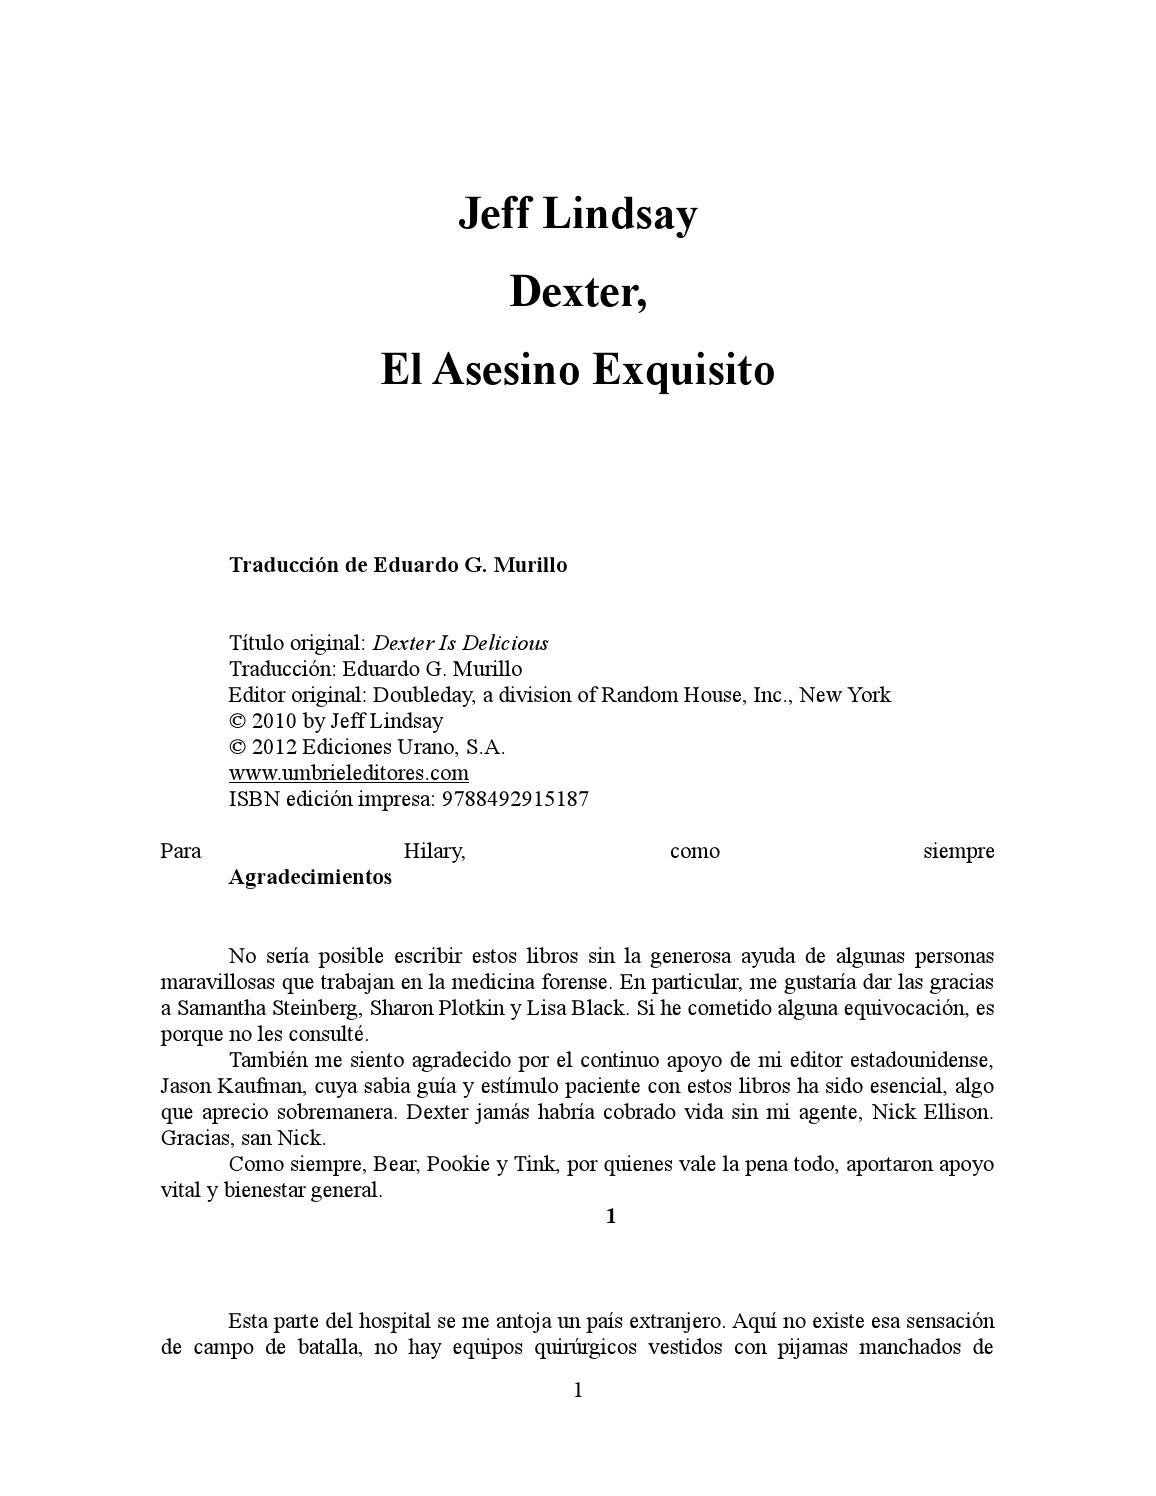 5 Dexter el asesino exquisito, Jeff Lindsay by josé antonio bautista ...